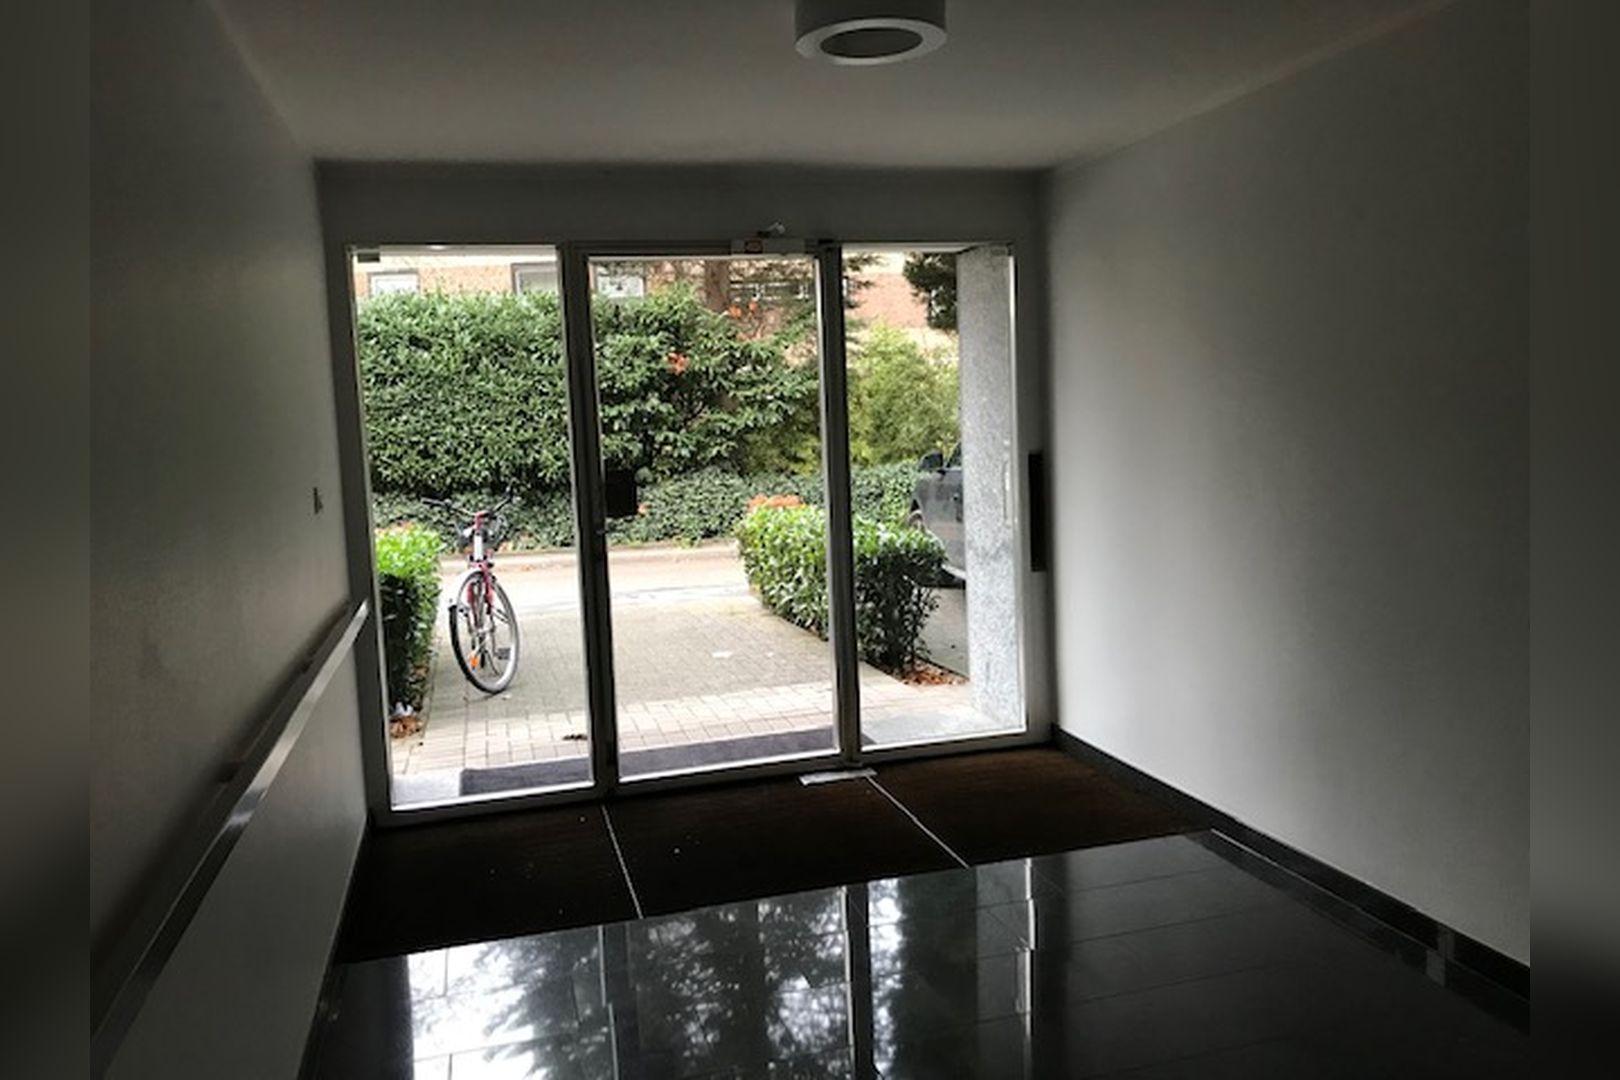 Immobilie Nr.0244 - Einraum-Appartement in Rheinnähe, Wodanstraße - Bild 6.jpg